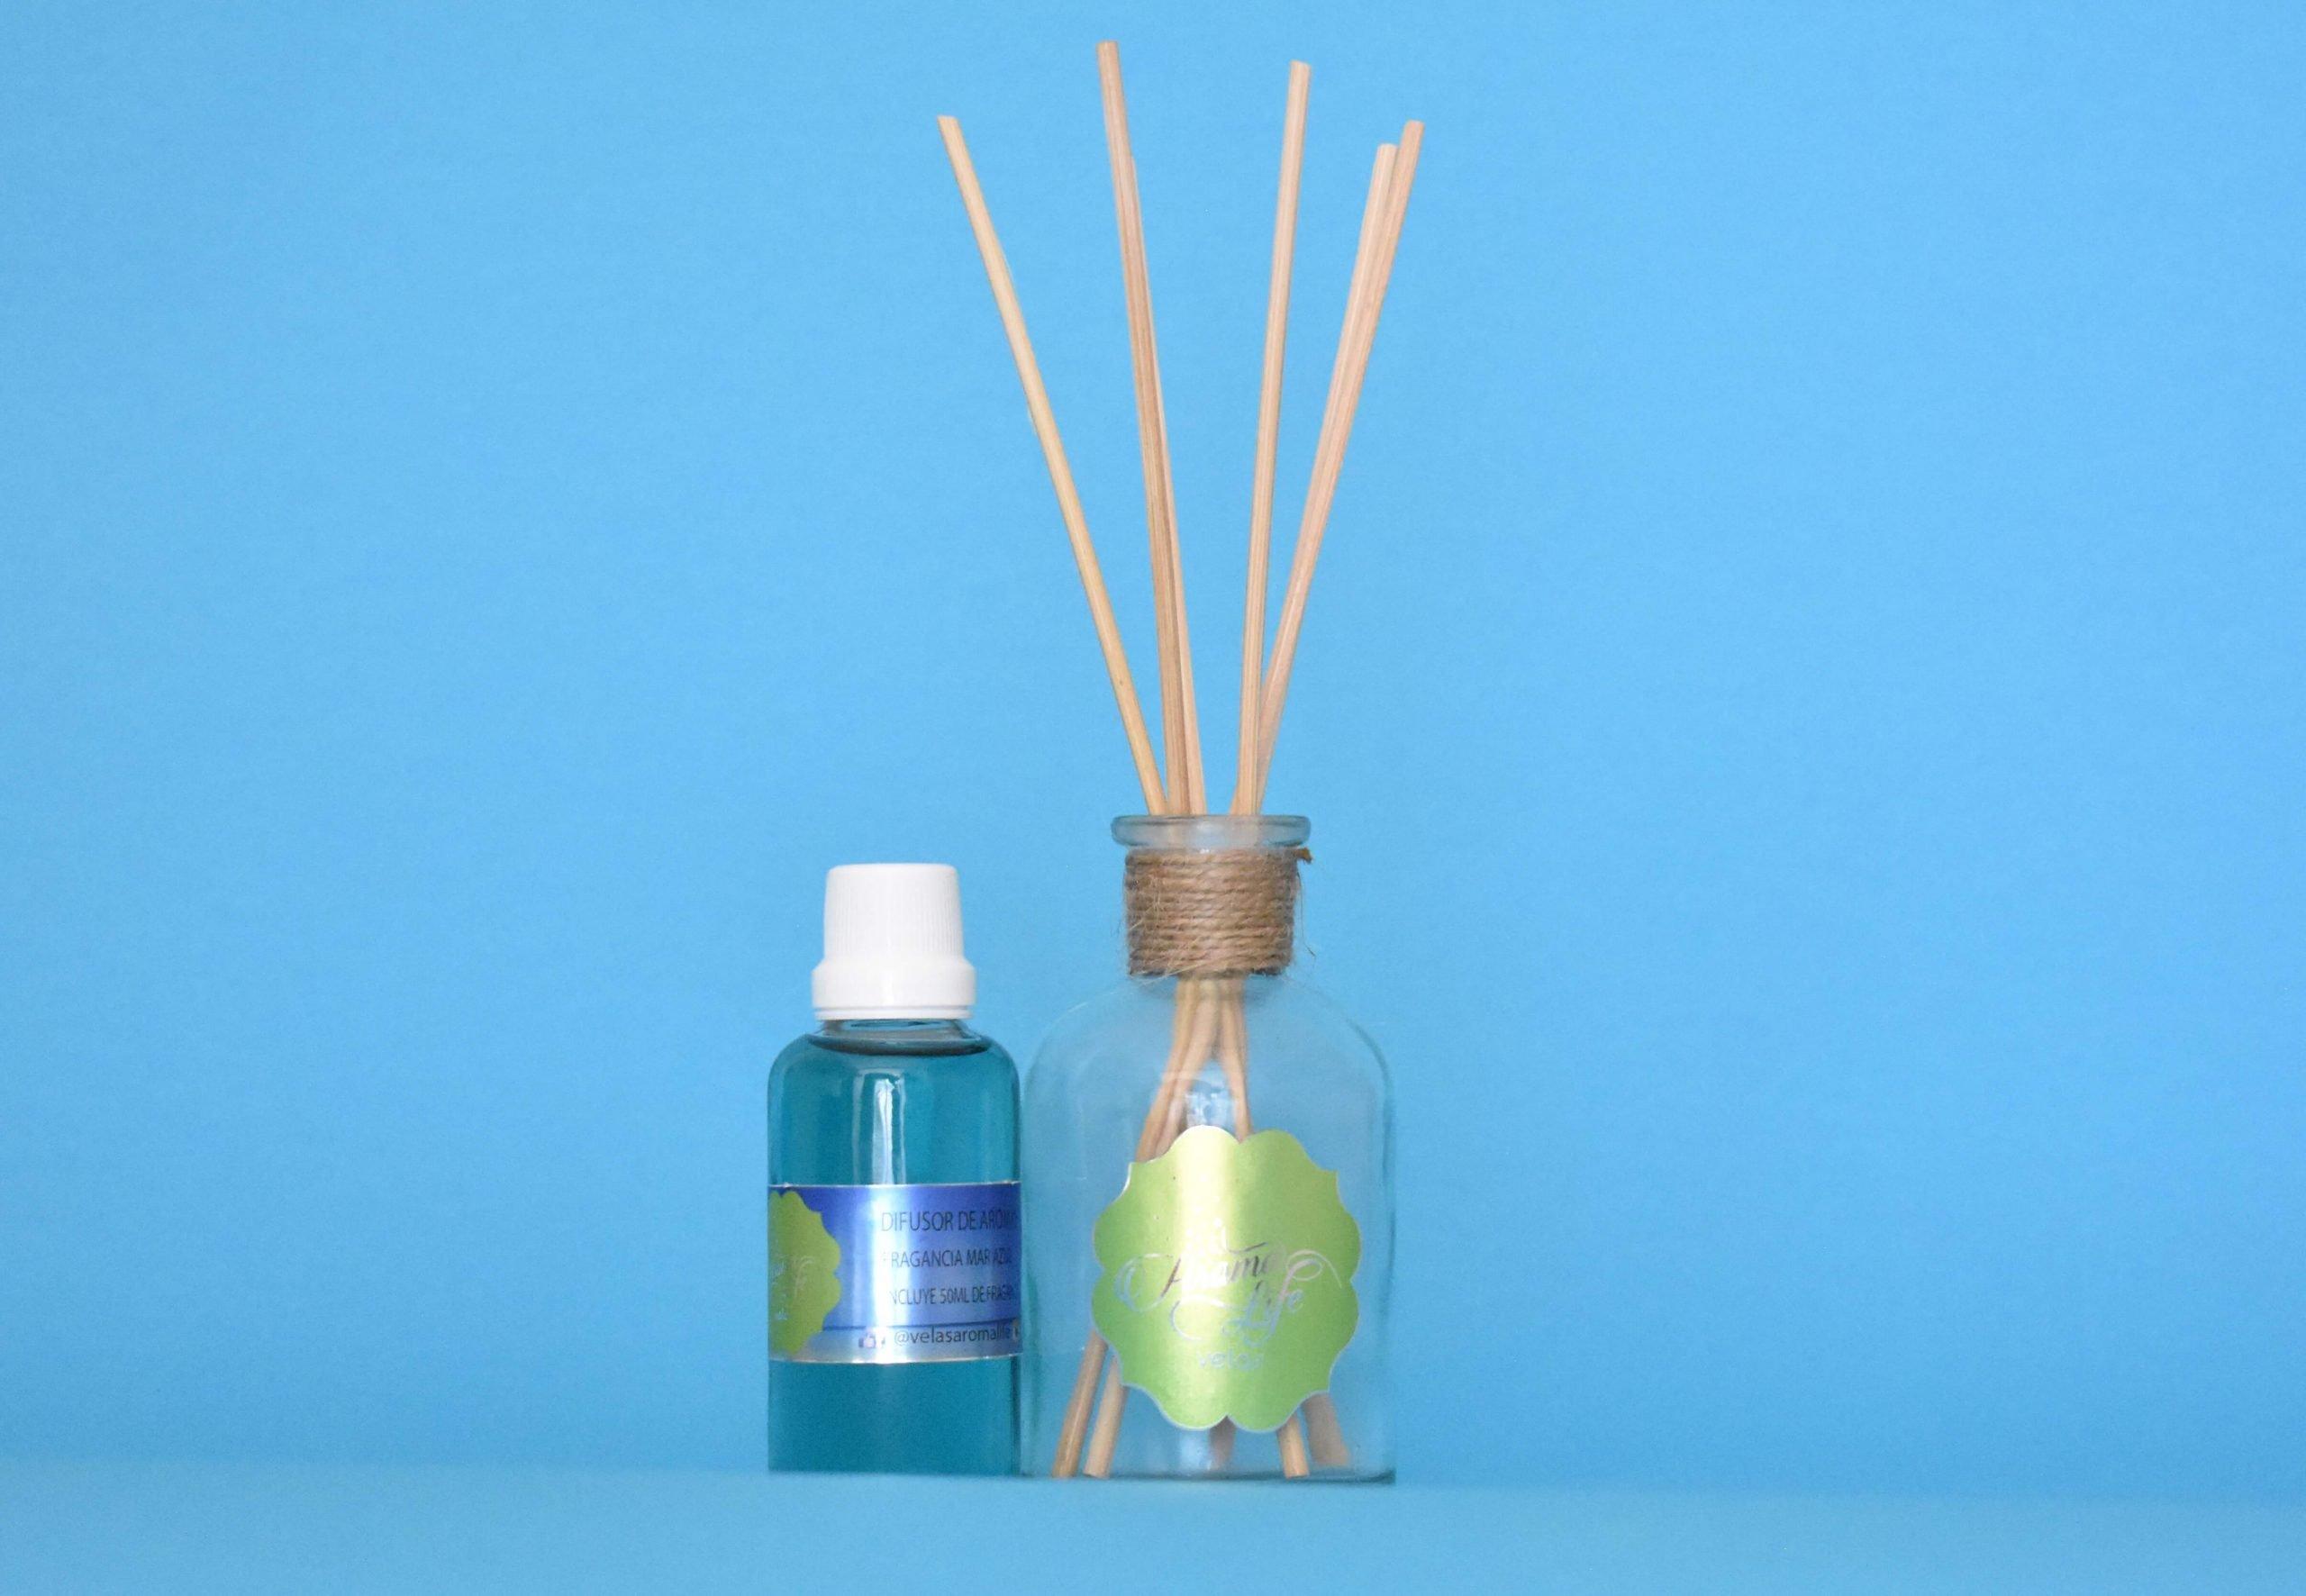 difusor de aroma, velas decorativas, velas aromatizadas, fragancias